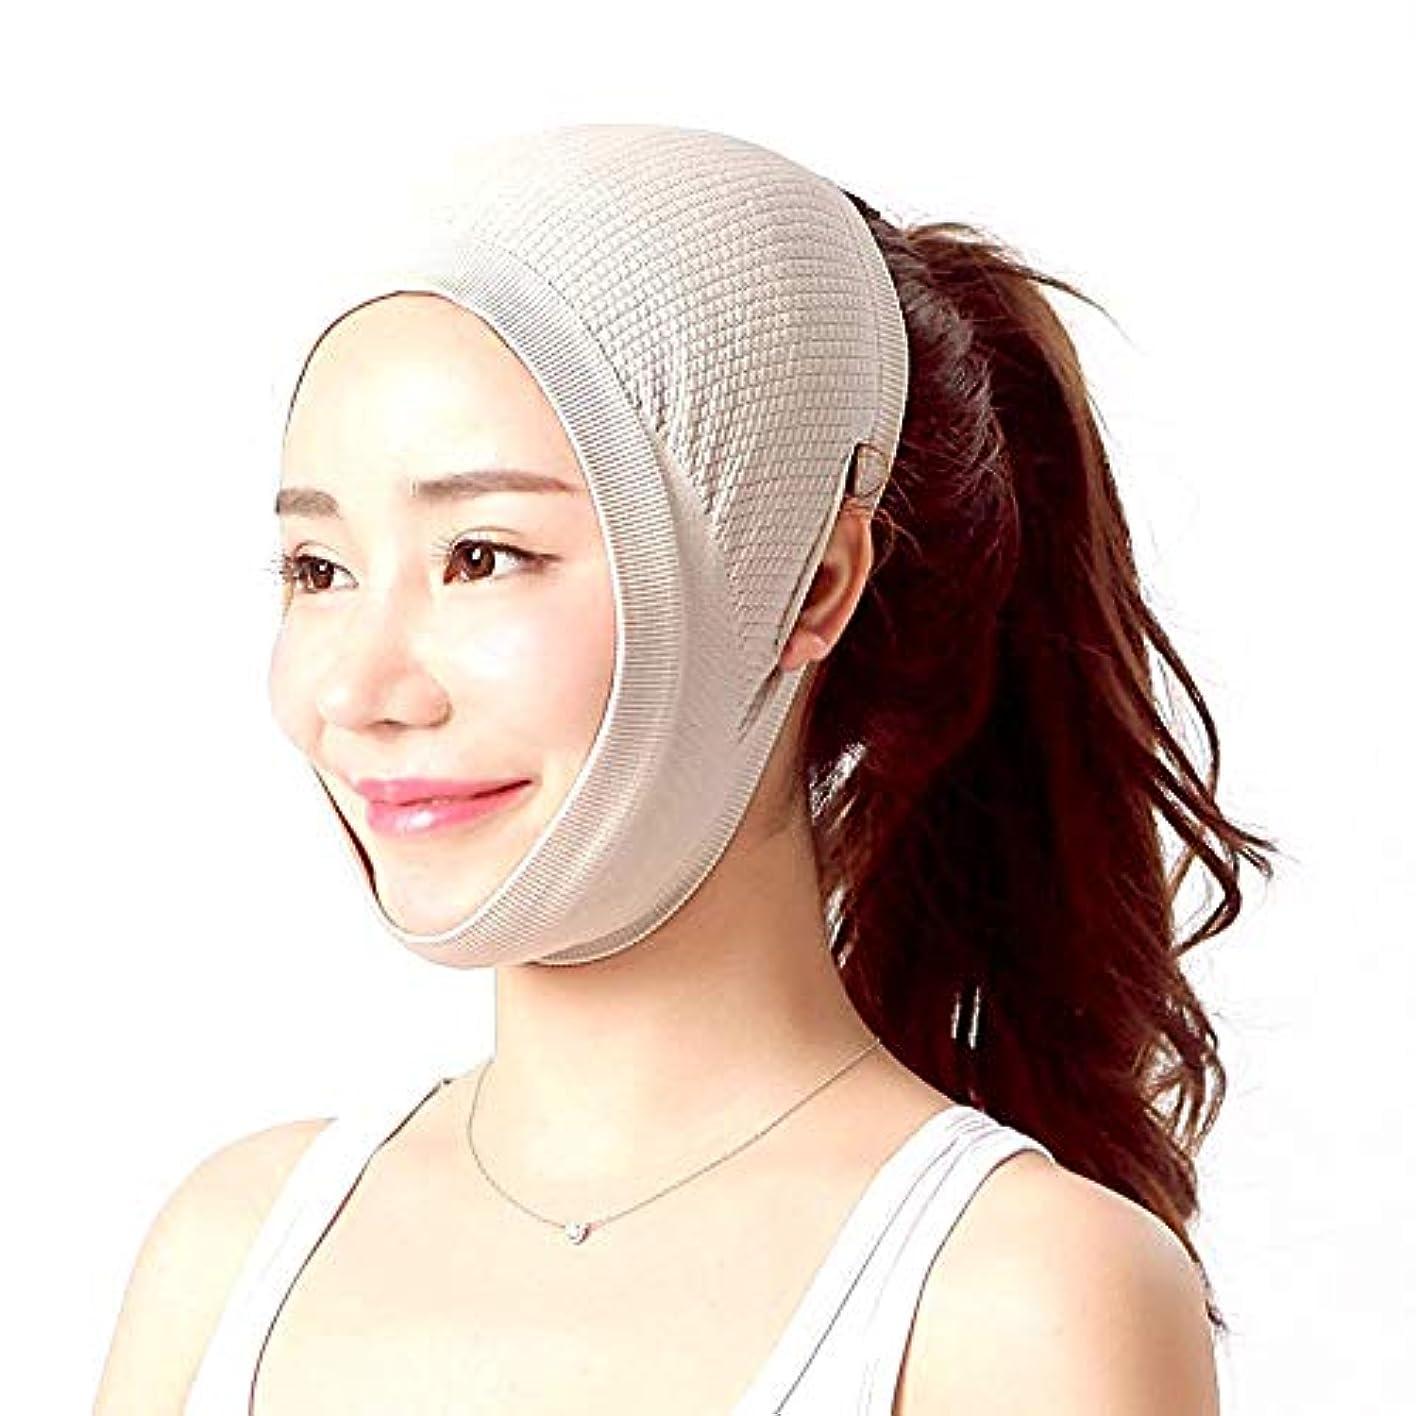 モジュール盲信同意フェイスリフティングアーティファクト包帯ライン術後回復包帯リフティングフェイスフードVフェイス包帯リフティングVフェイス美容マスク - 肌のトーン